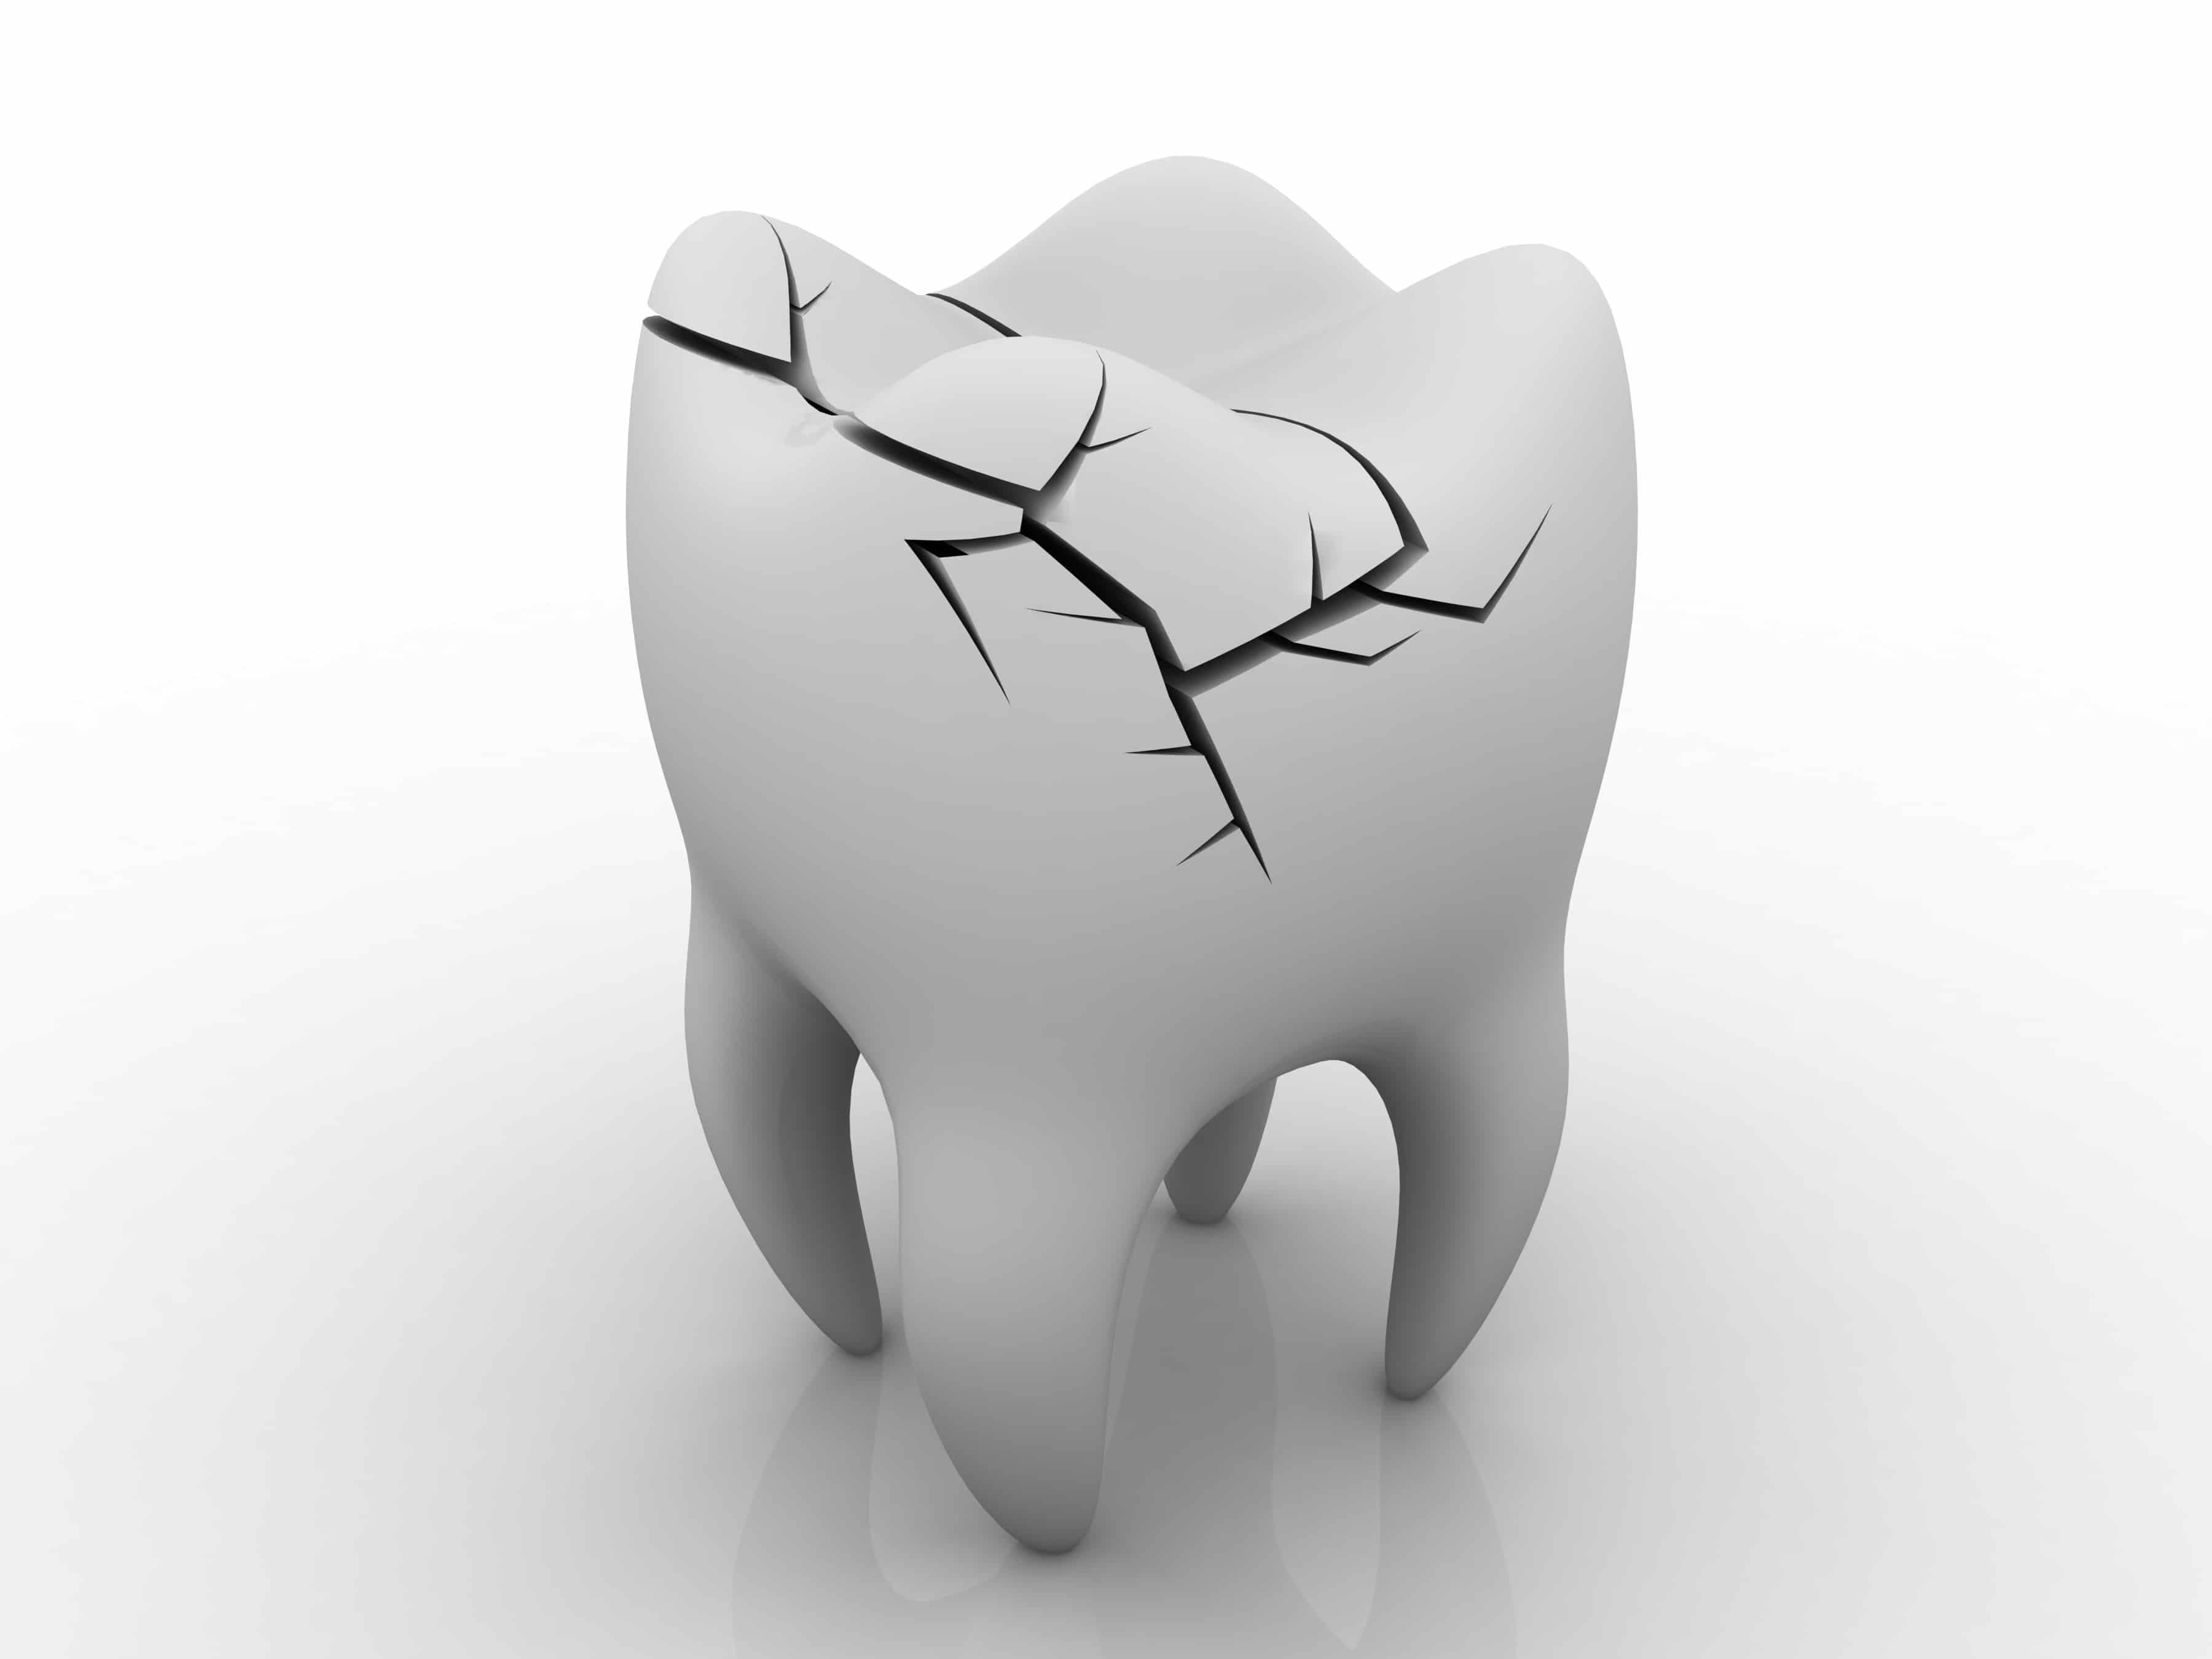 دکتر وحید عارفی : نجات دندانهای شکسته در مقطع لثه توسط عمل های لیزری